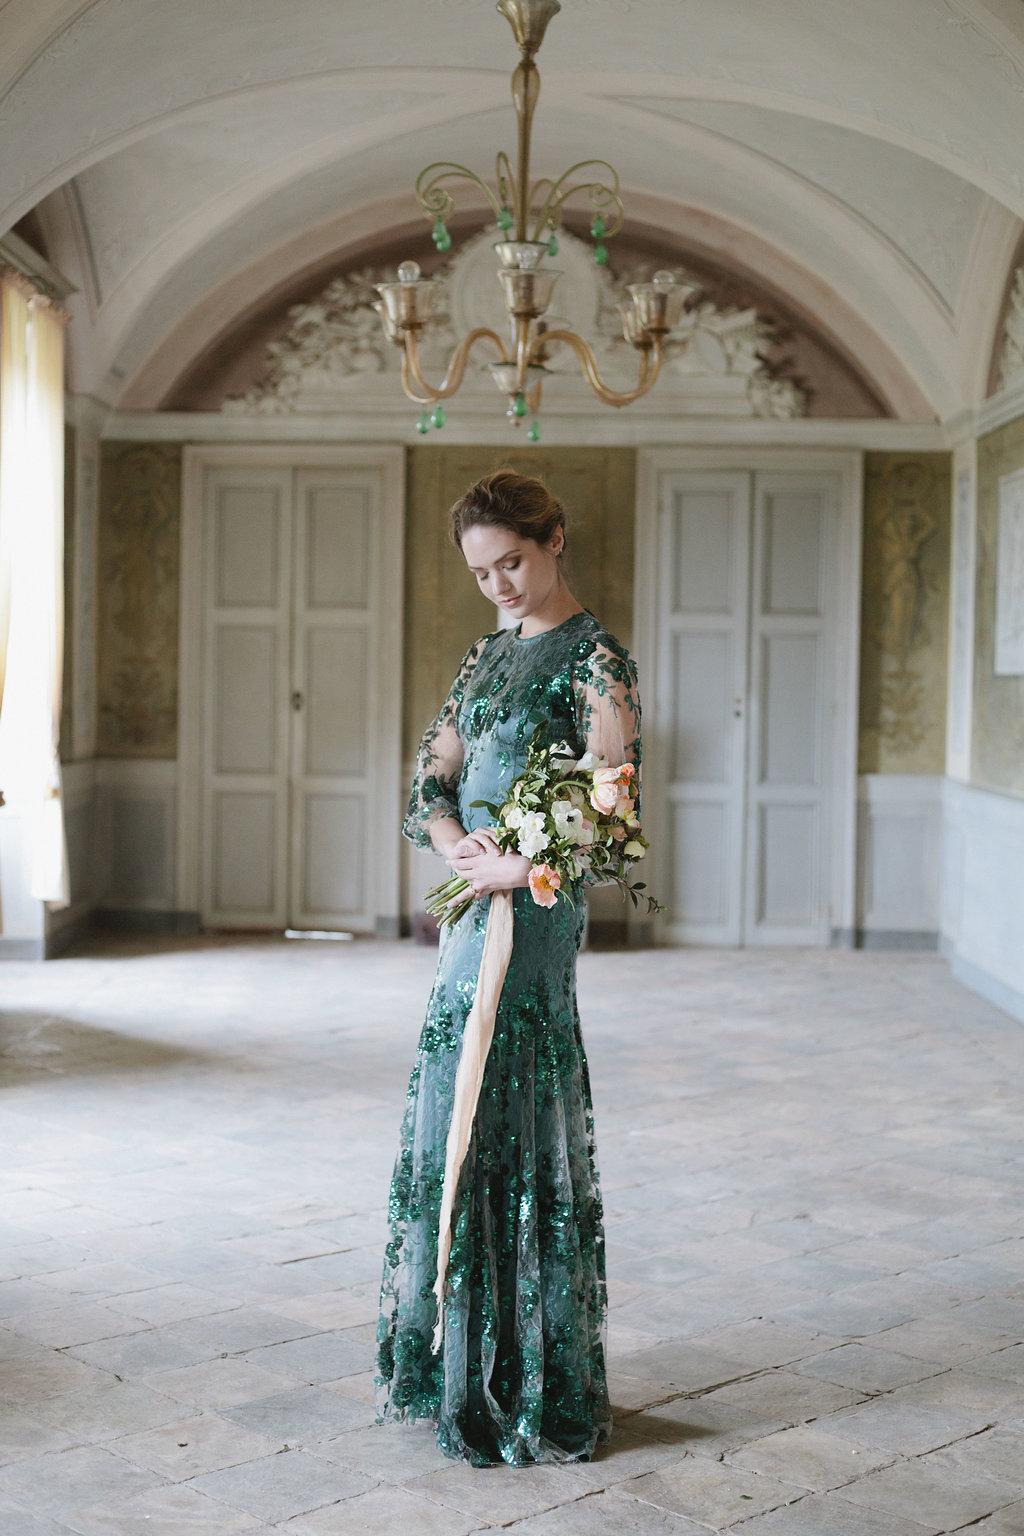 Vestiti Cerimonia Kimono.Abito Cerimonia Abiti Da Sposa E Cerimonia Torino Elena Pignata